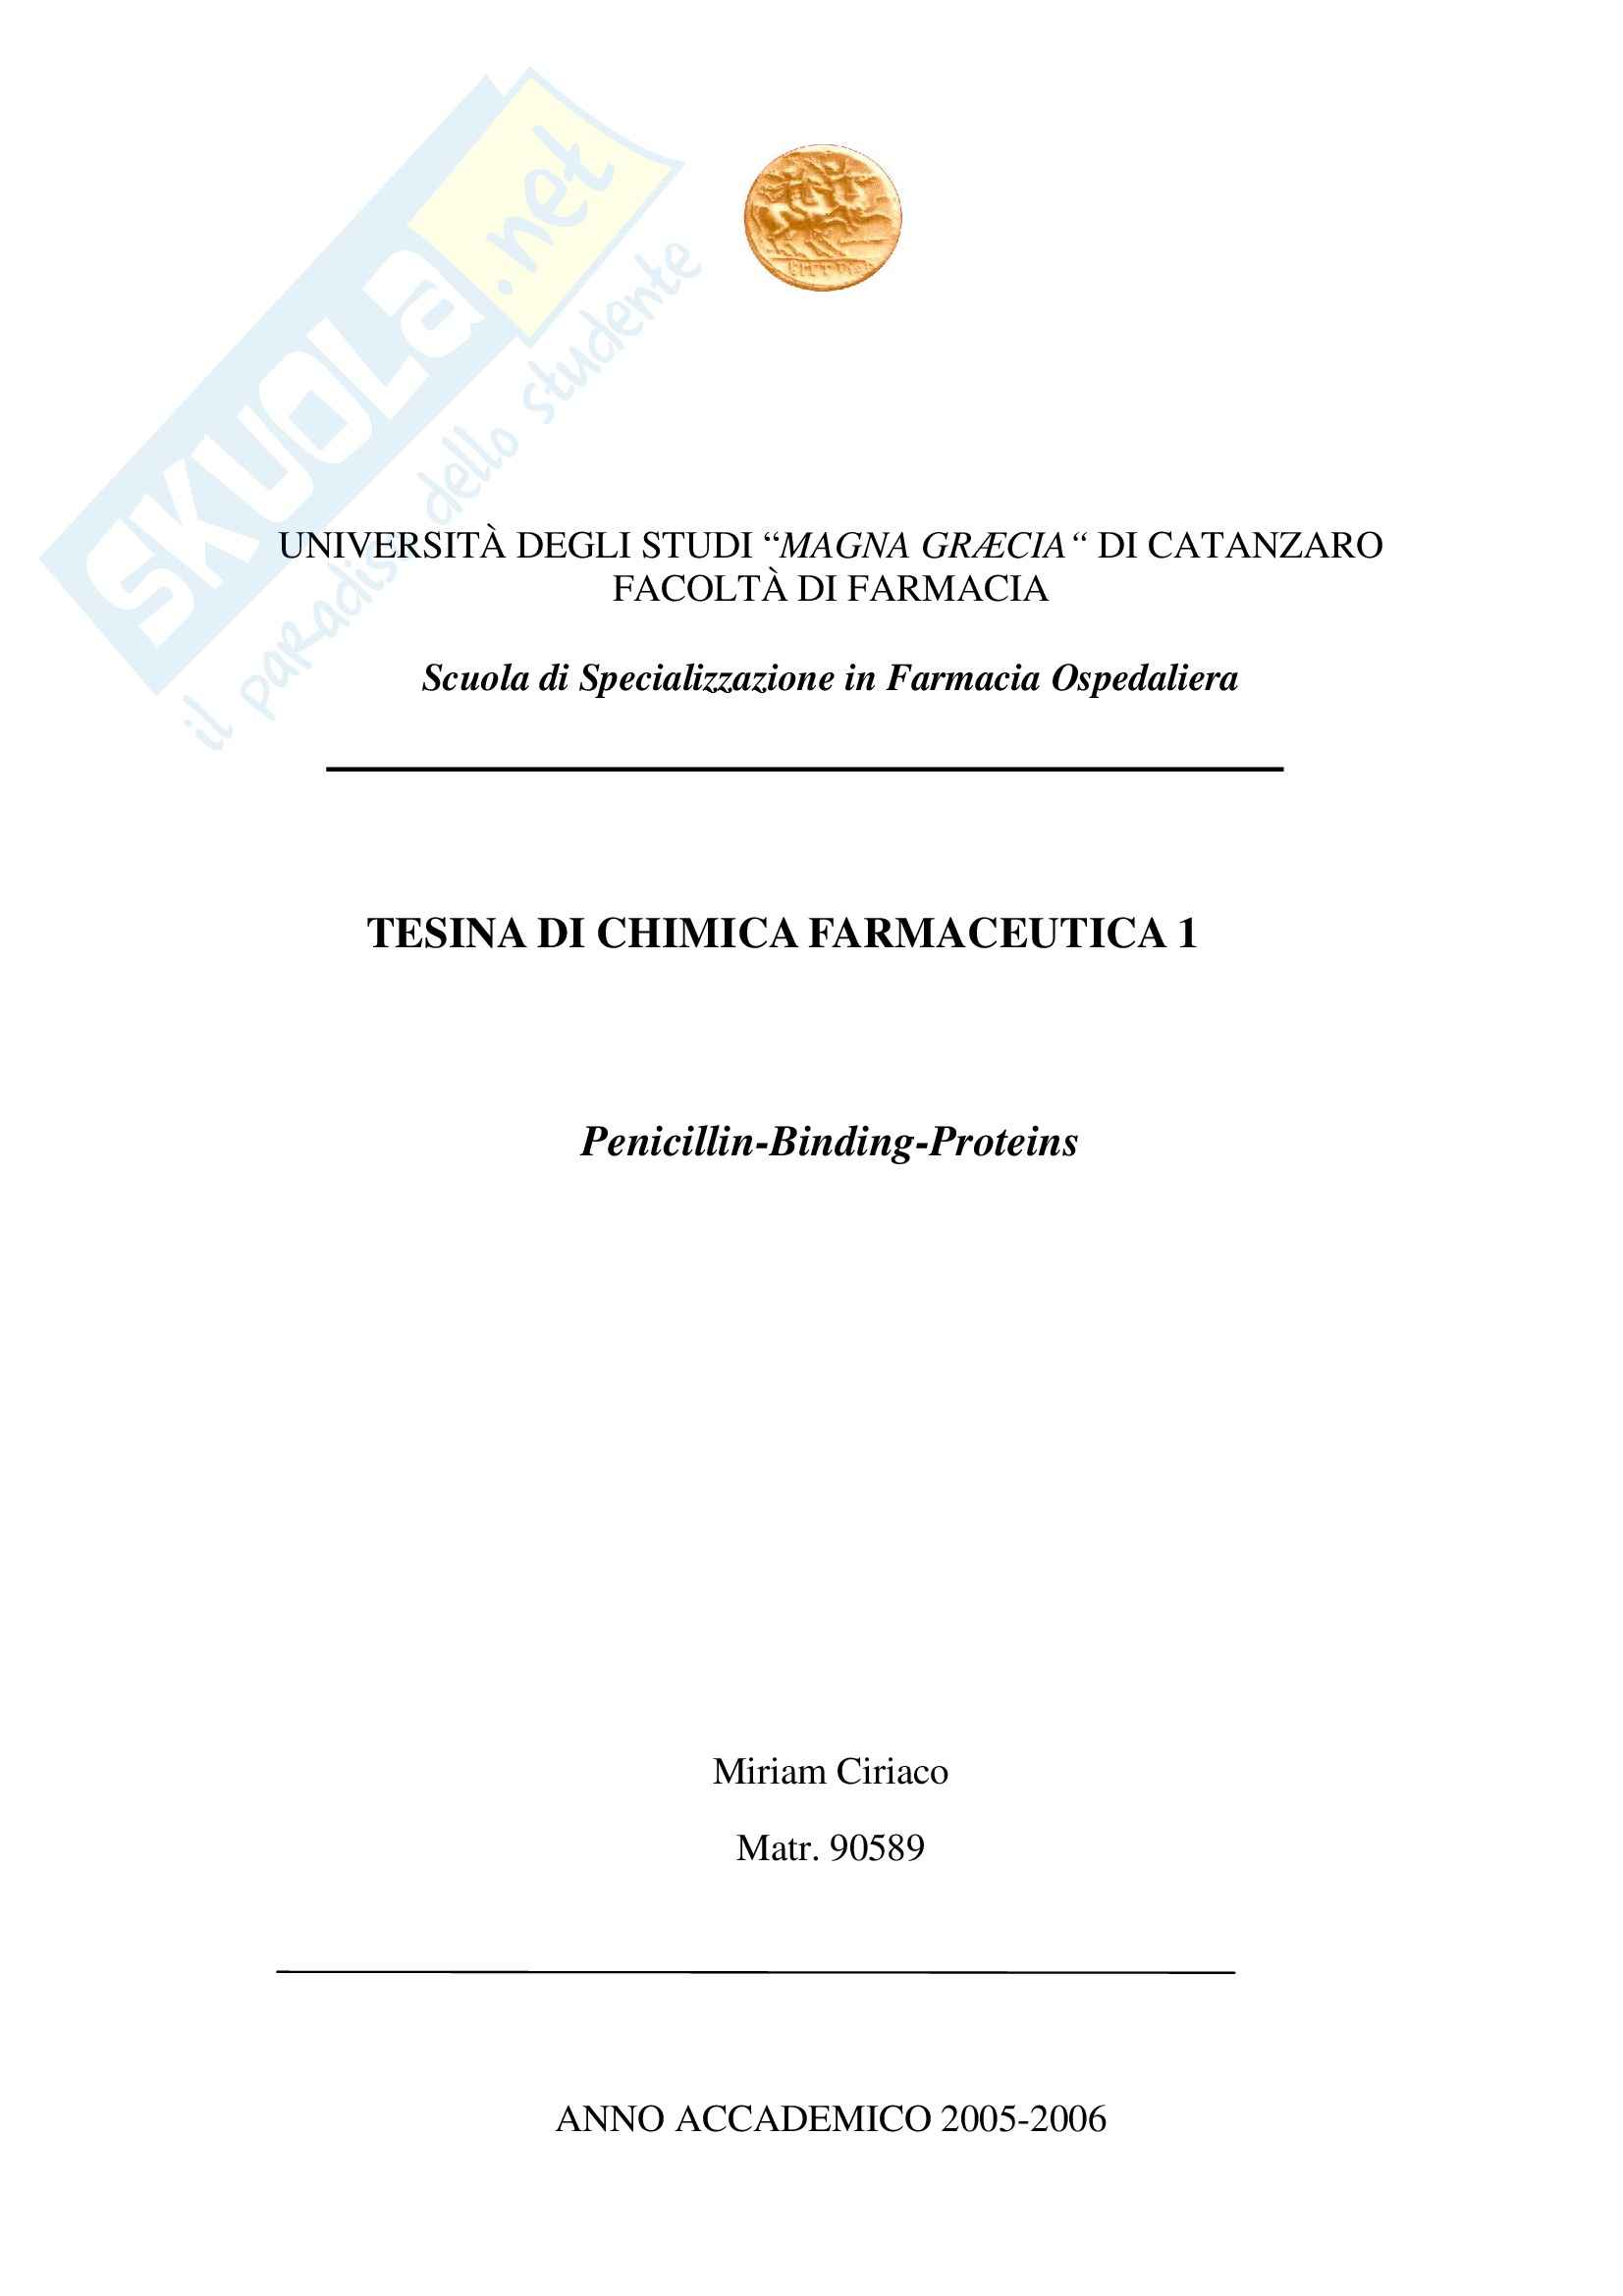 Chimica farmaceutica - penicilline